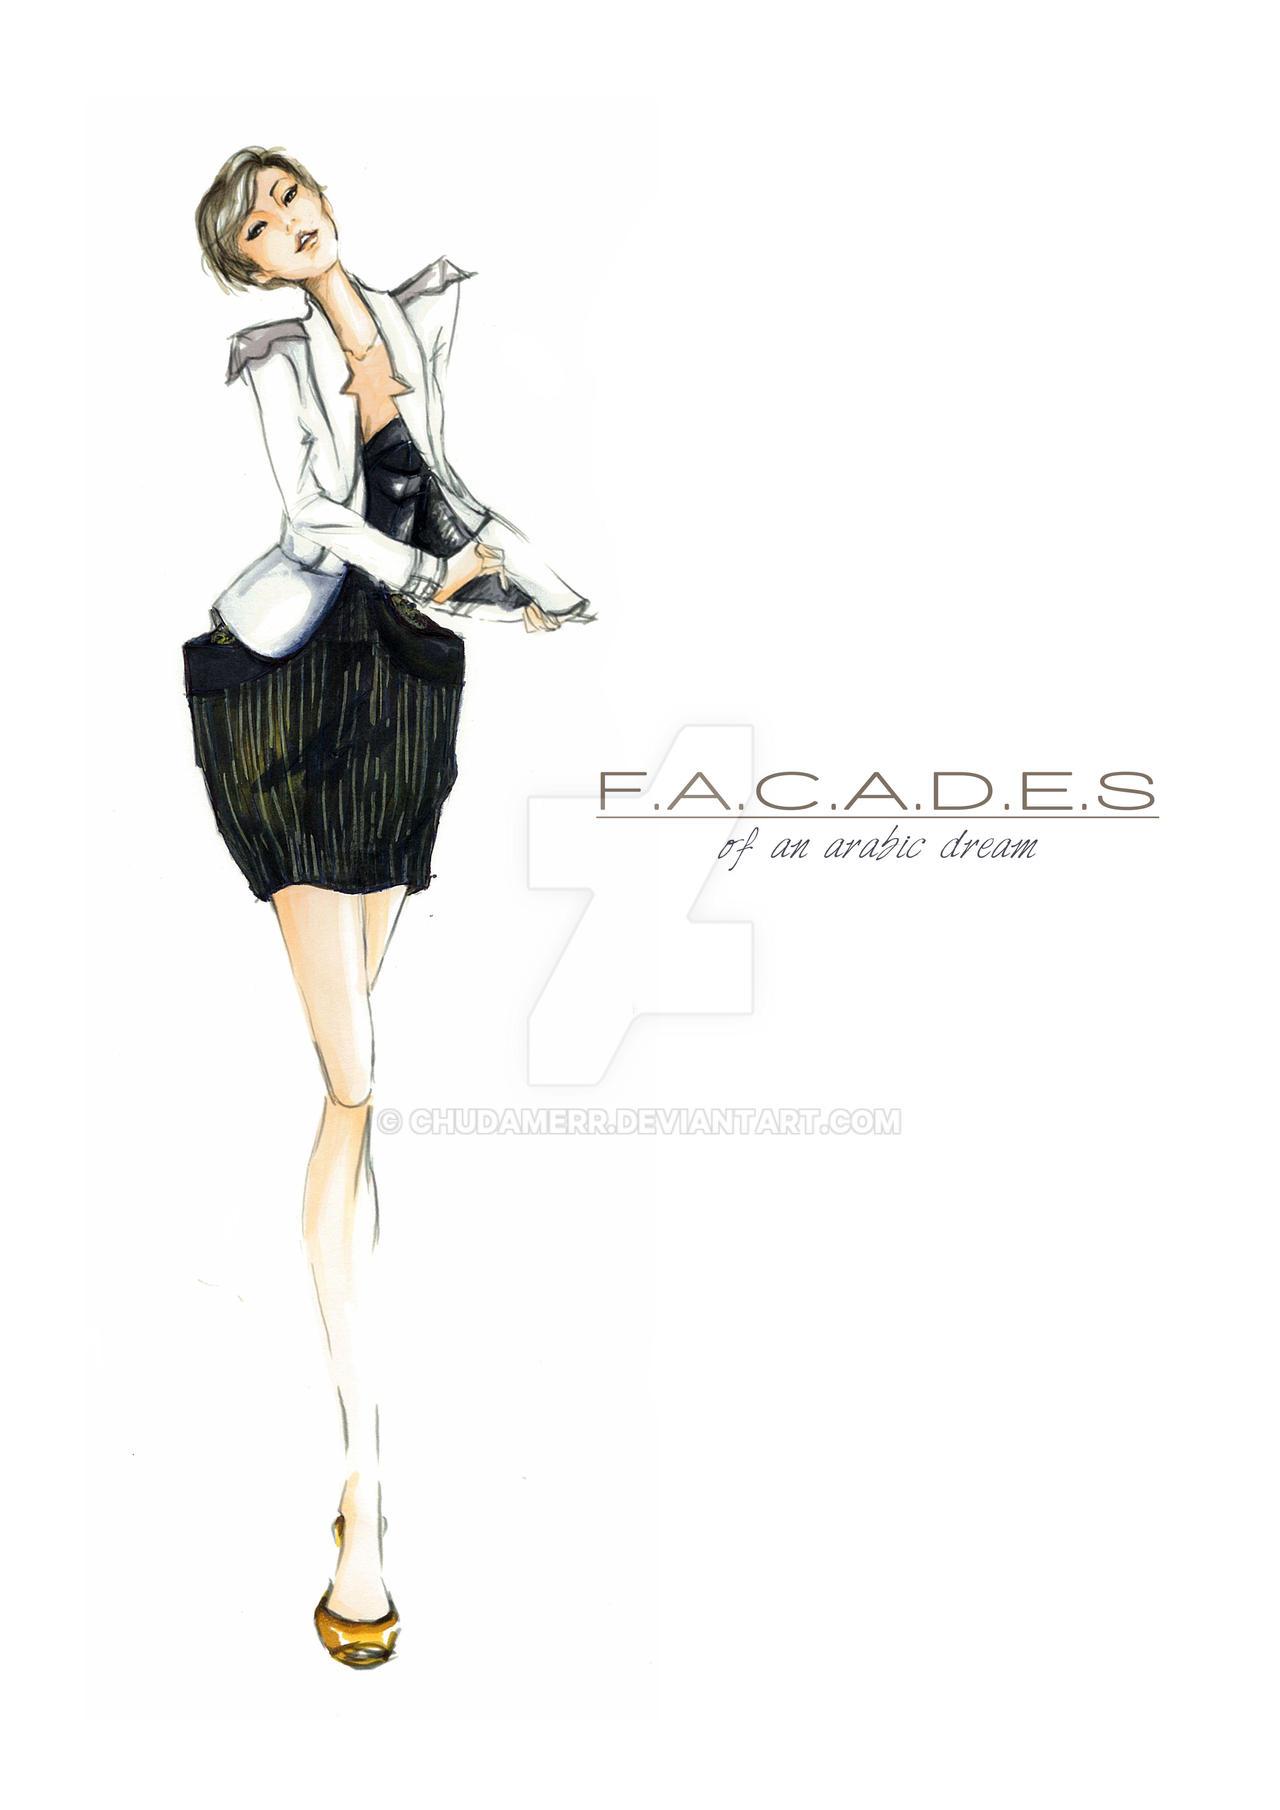 Facades of an Arabic Dream_1 by chudamerr